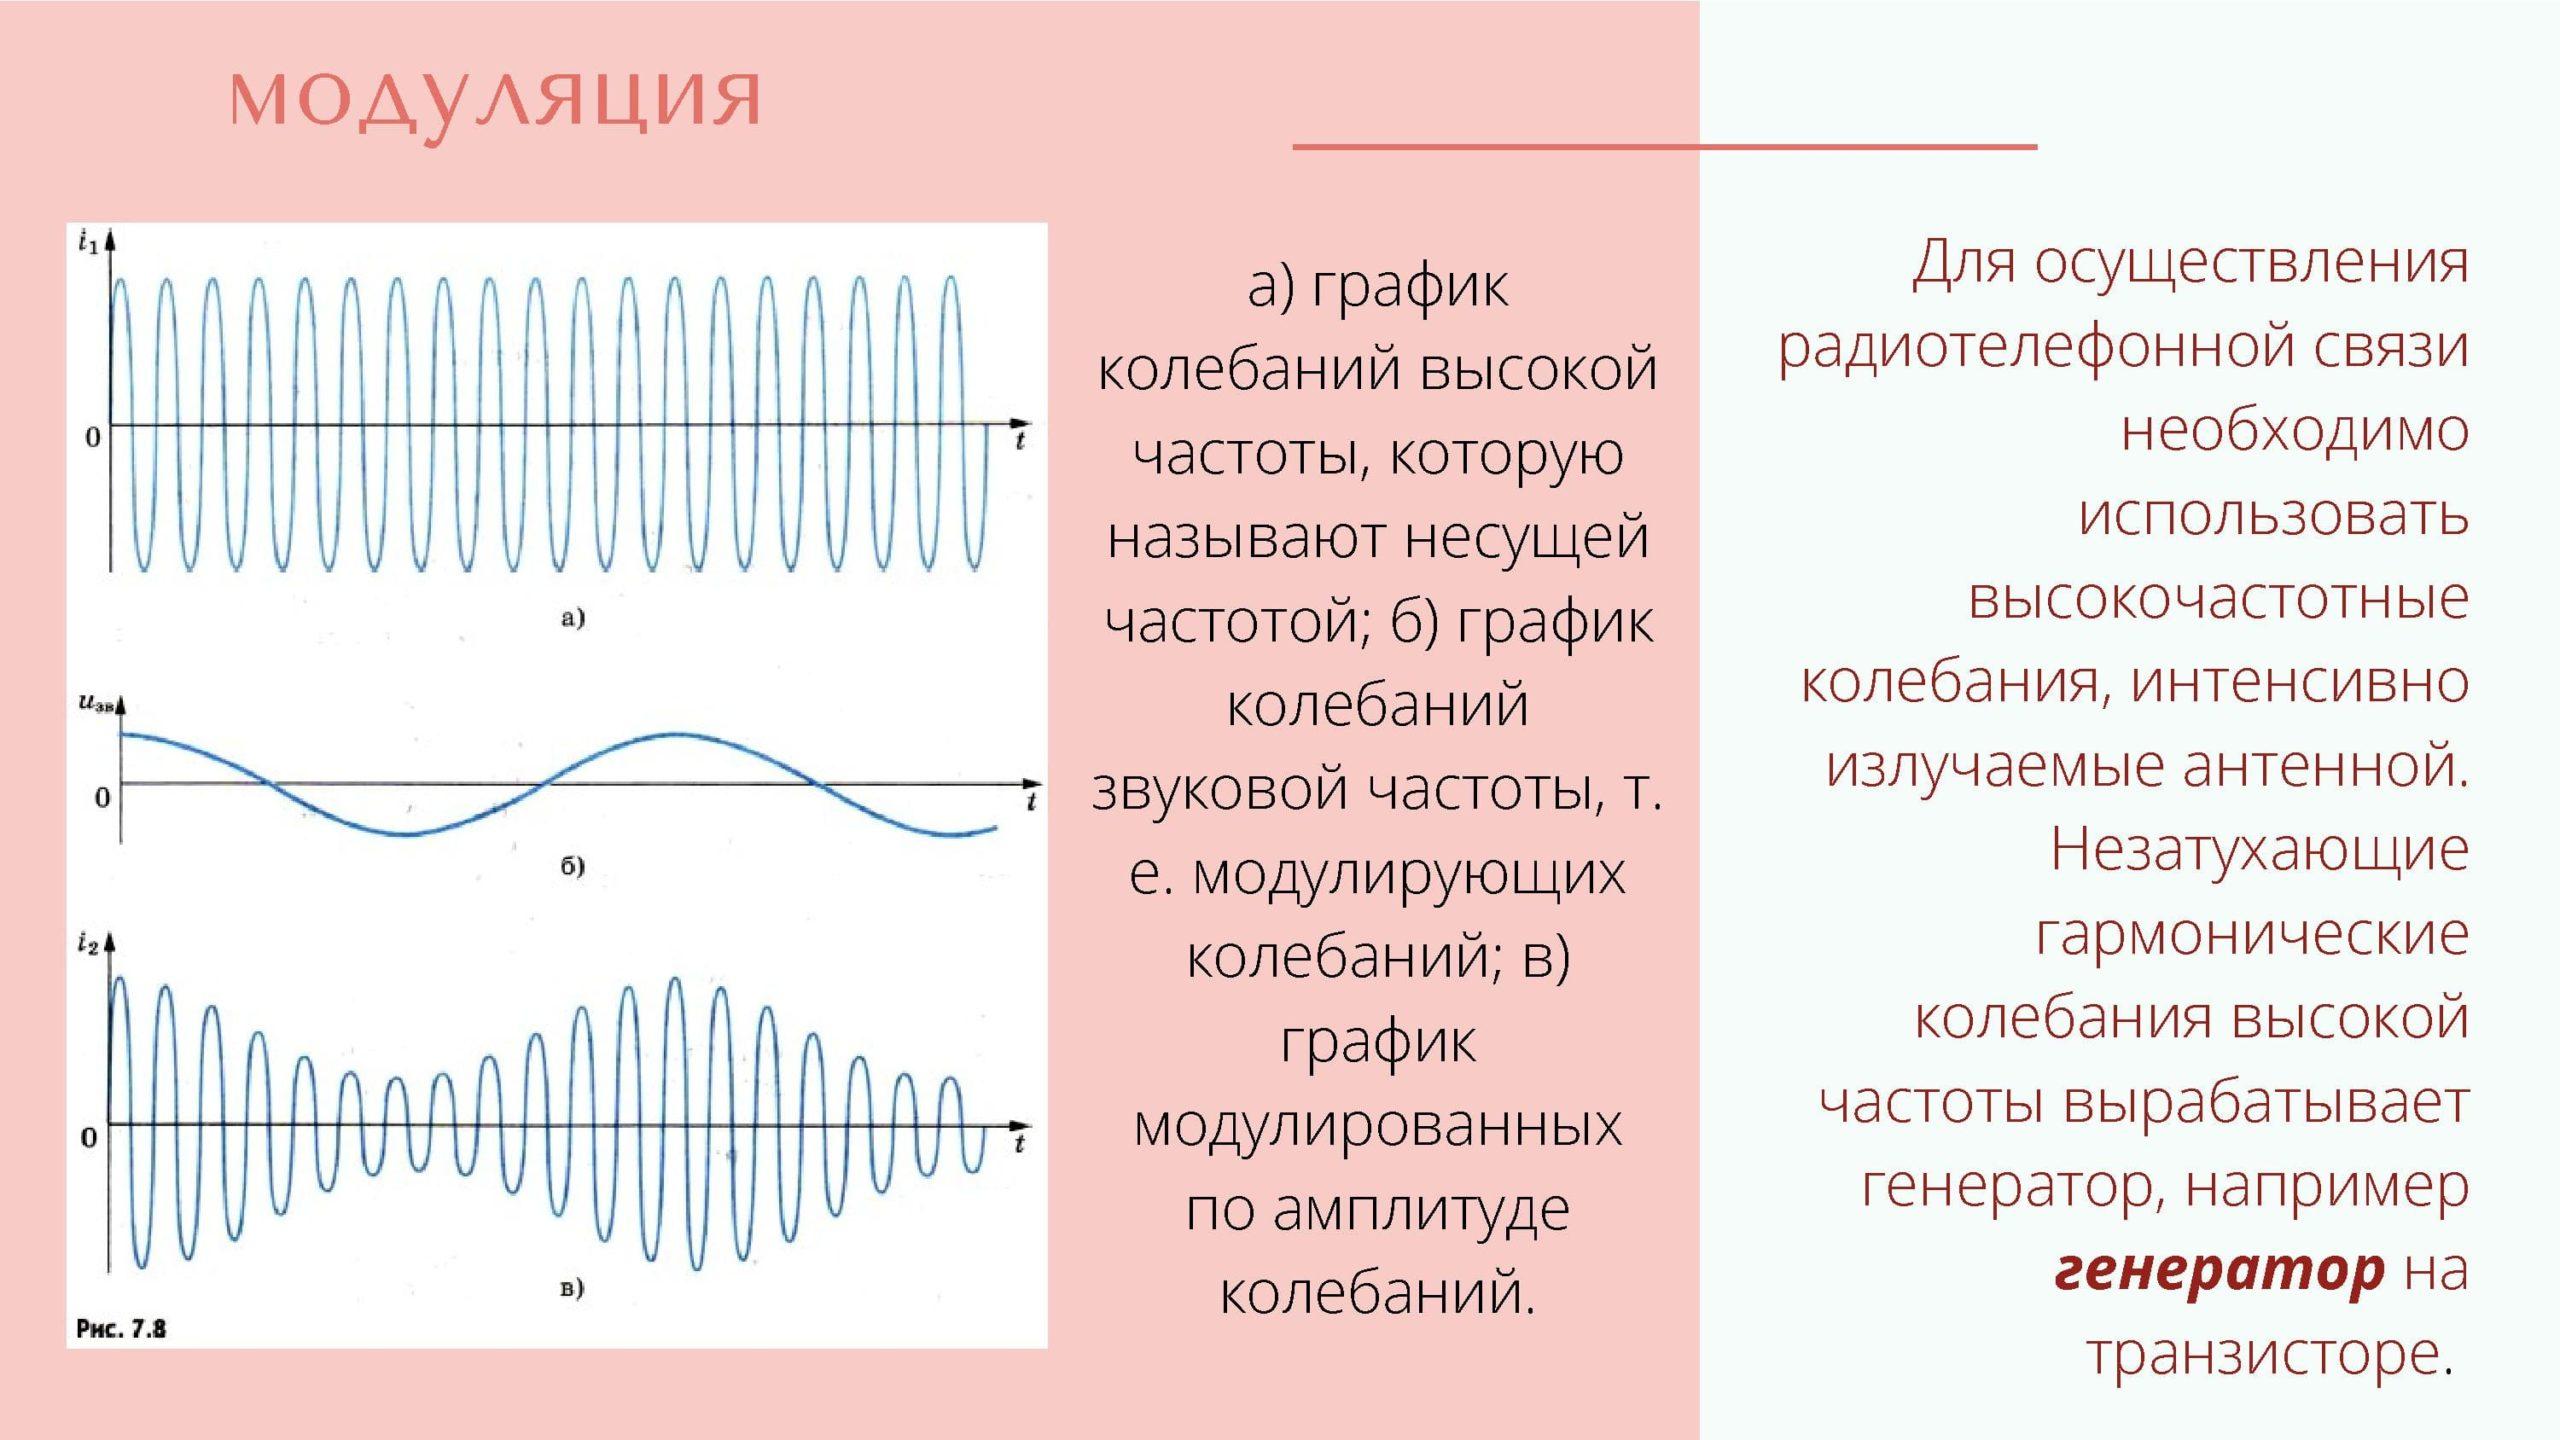 Модуляция